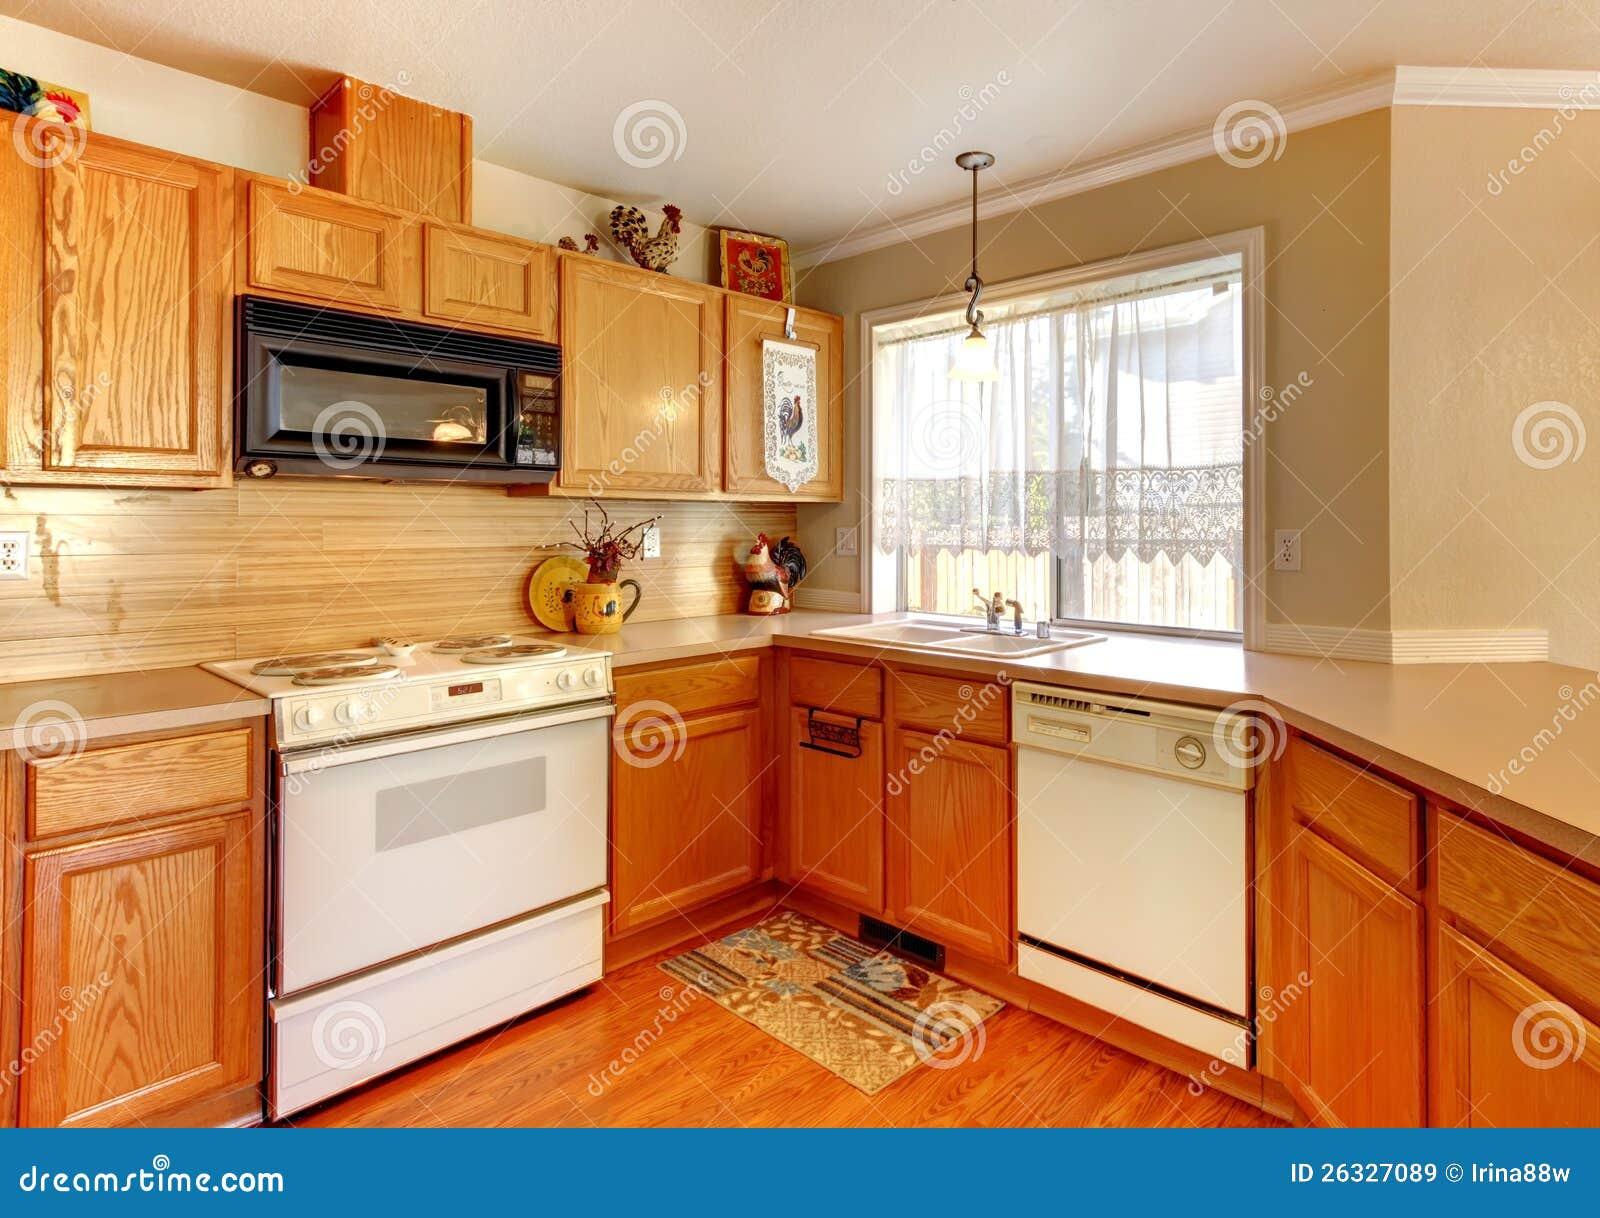 Cozinha Padr O Americana Das Paredes De Madeira E Bege Imagem De